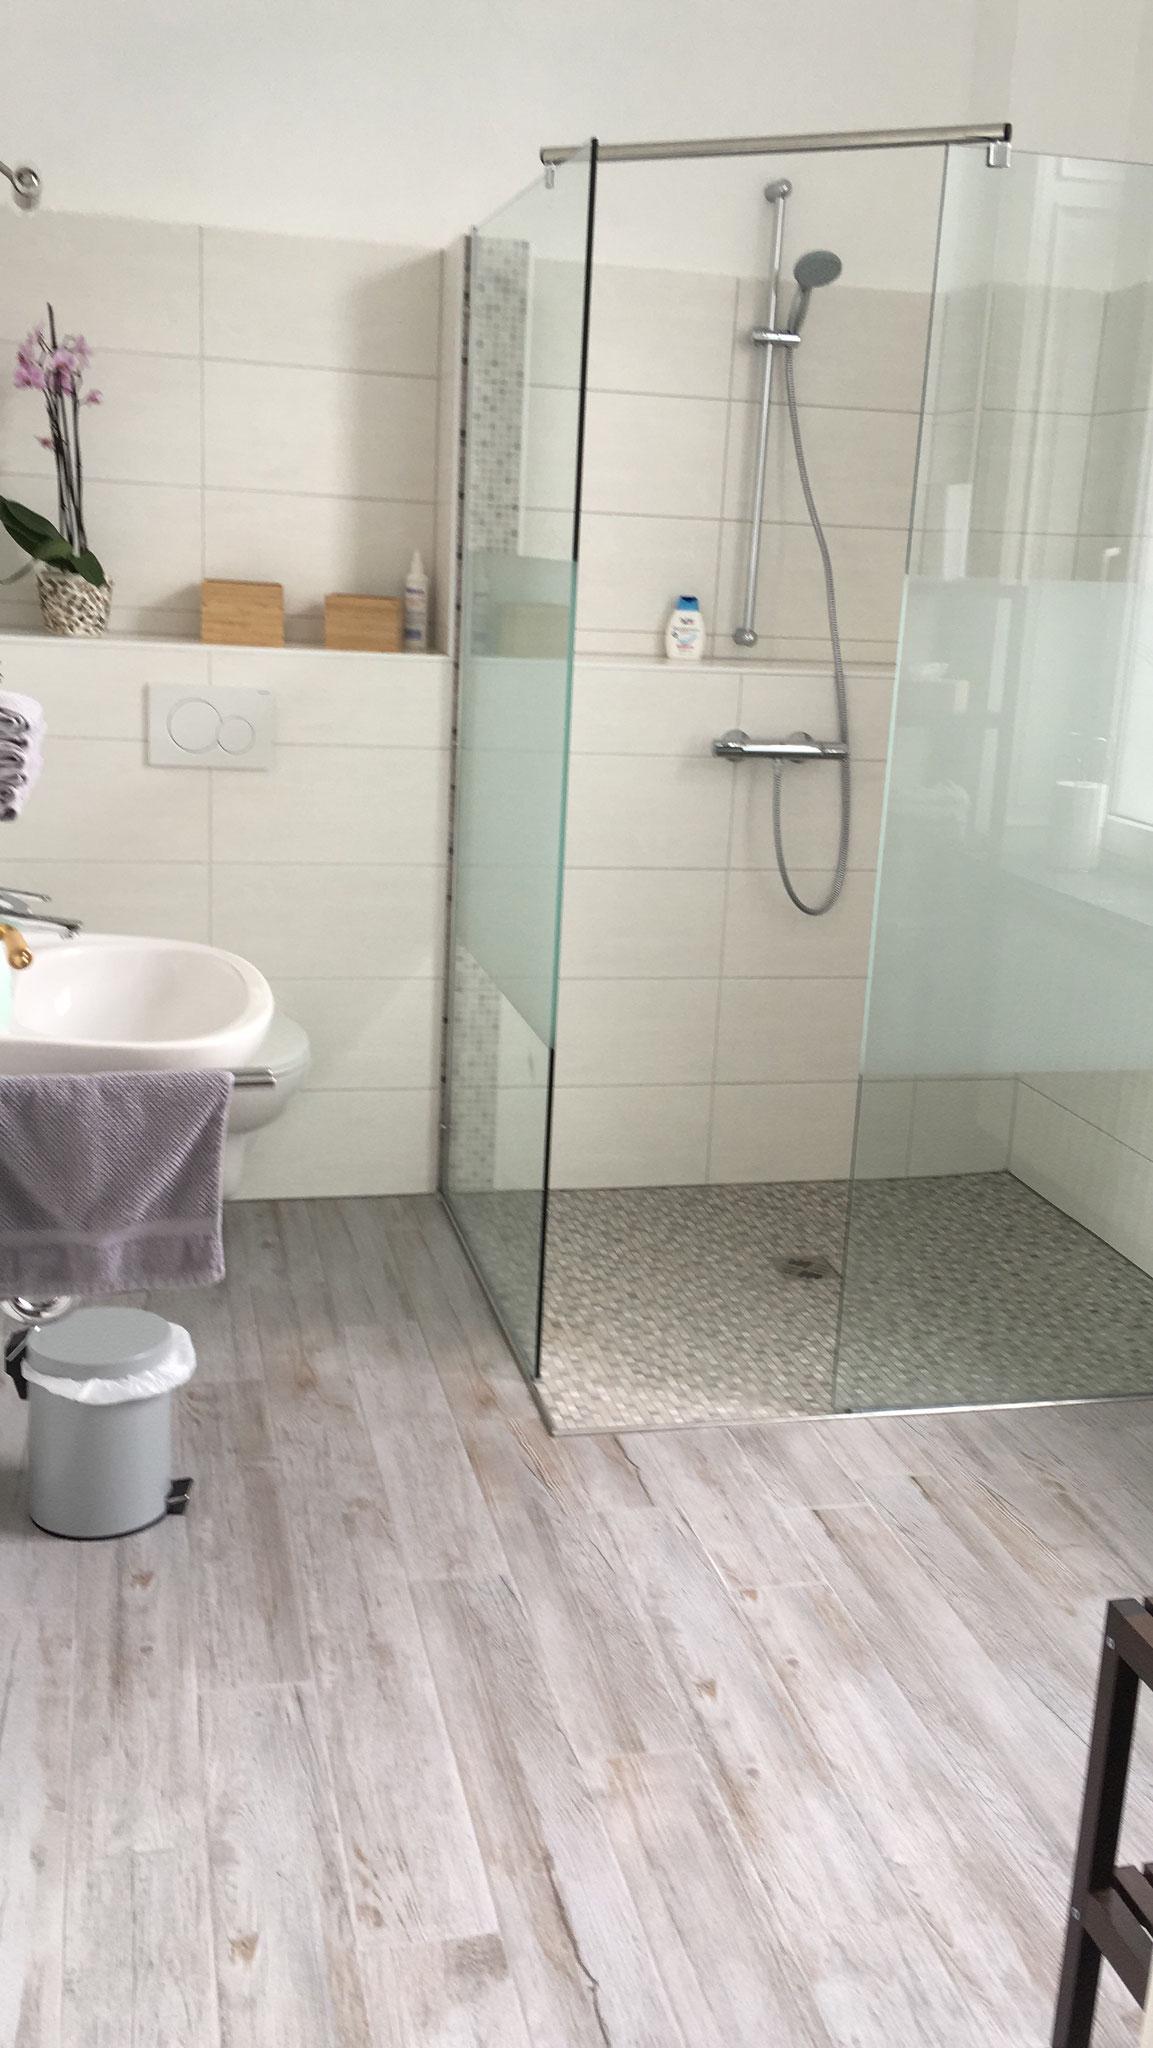 ein kleines, modernes Duschbad.